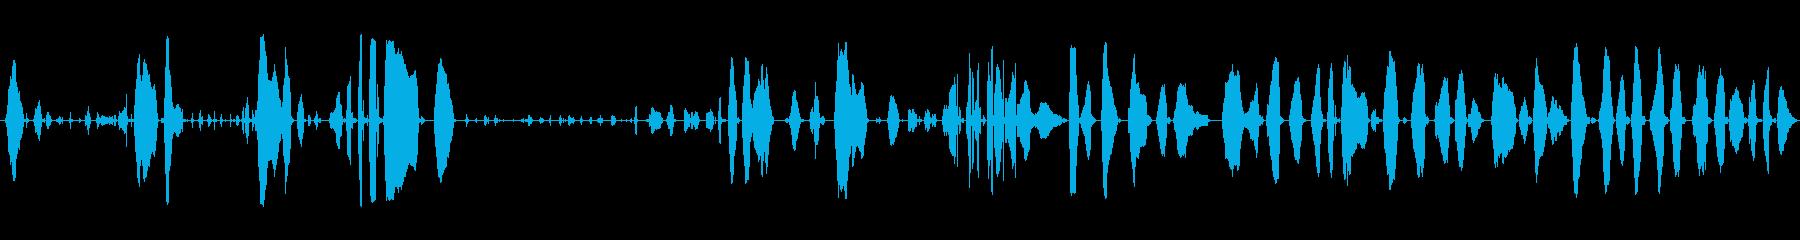 子供の泣き声、6週間前、人間; D...の再生済みの波形